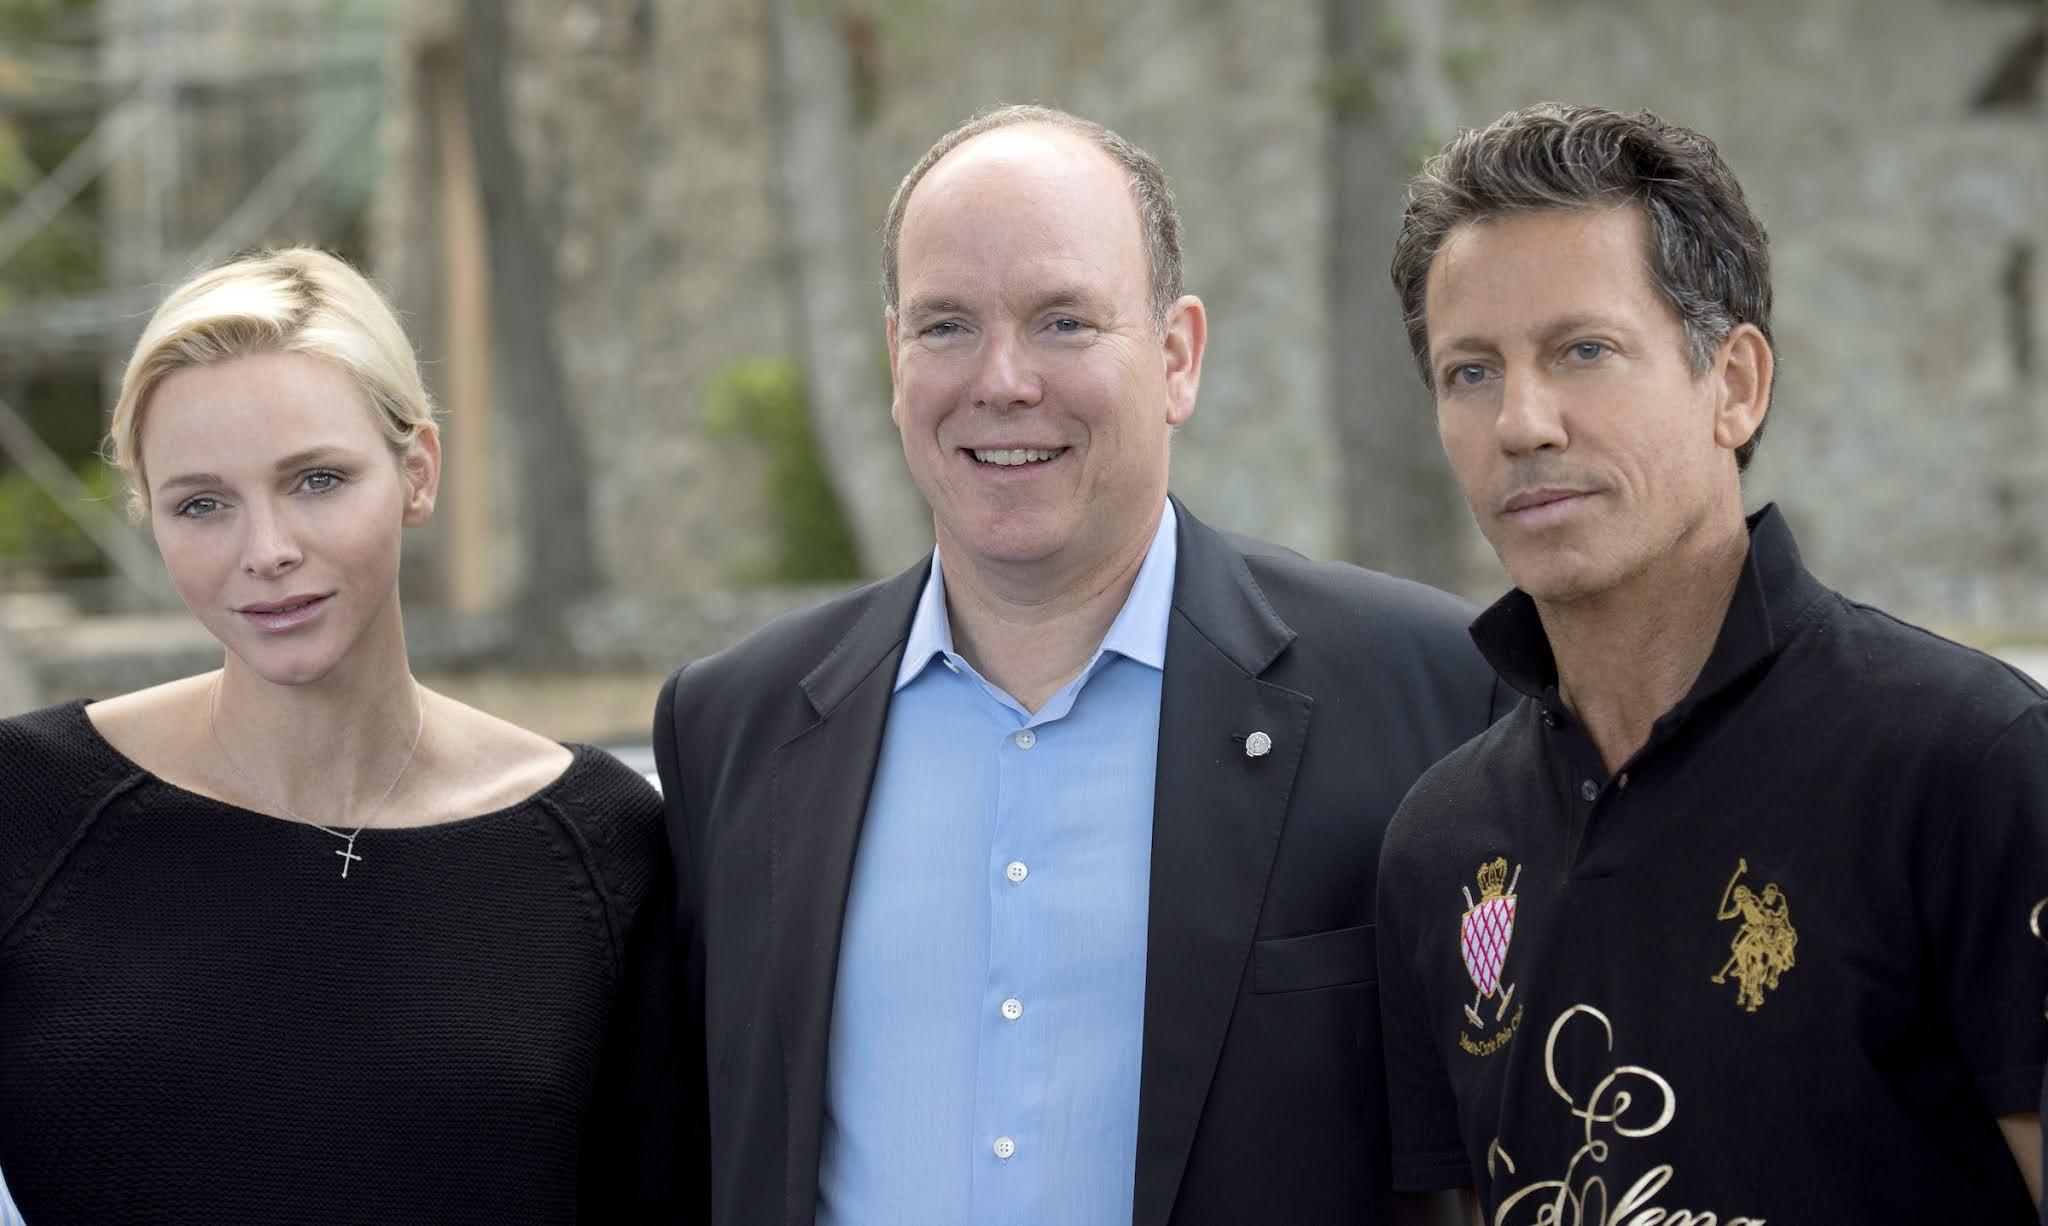 رئيس اتحاد موناكو للبولو في زيارة خليجية لبحث شراكات استراتيجية